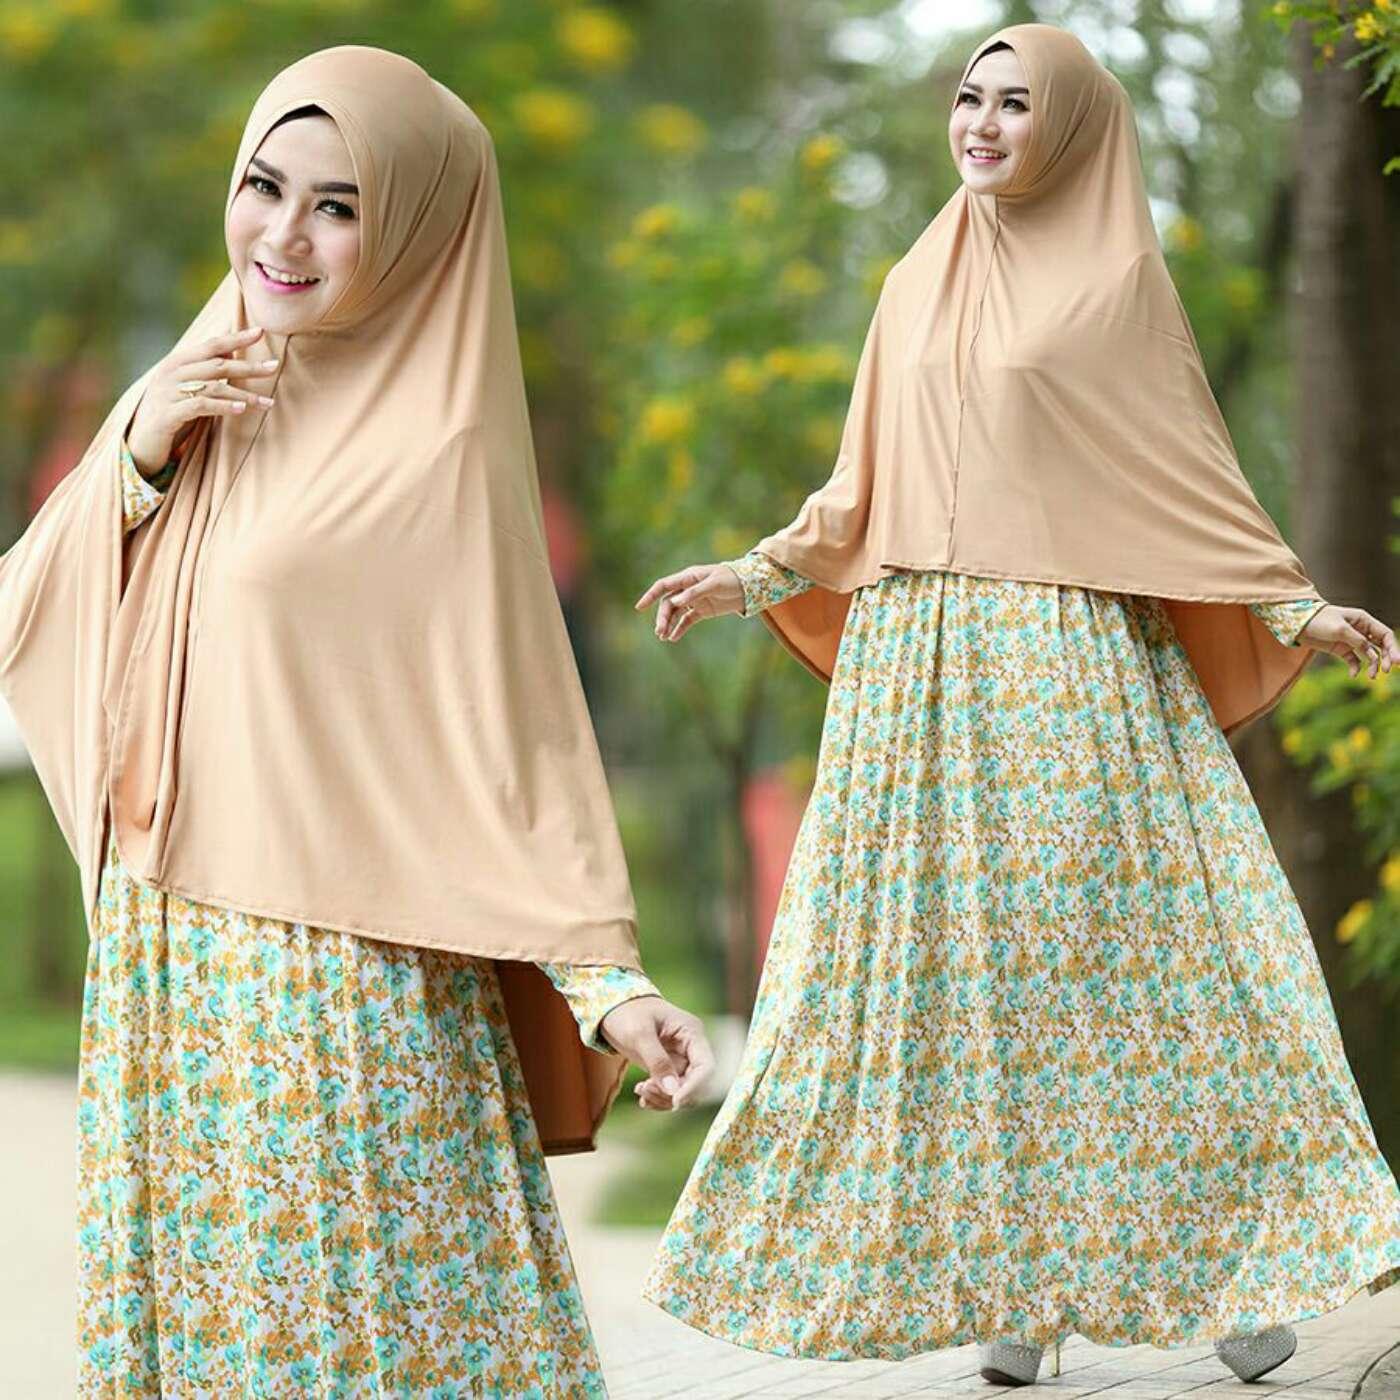 Baju Model Gamis Syari Motif Bunga Modern Model Terbaru Warna Mocca